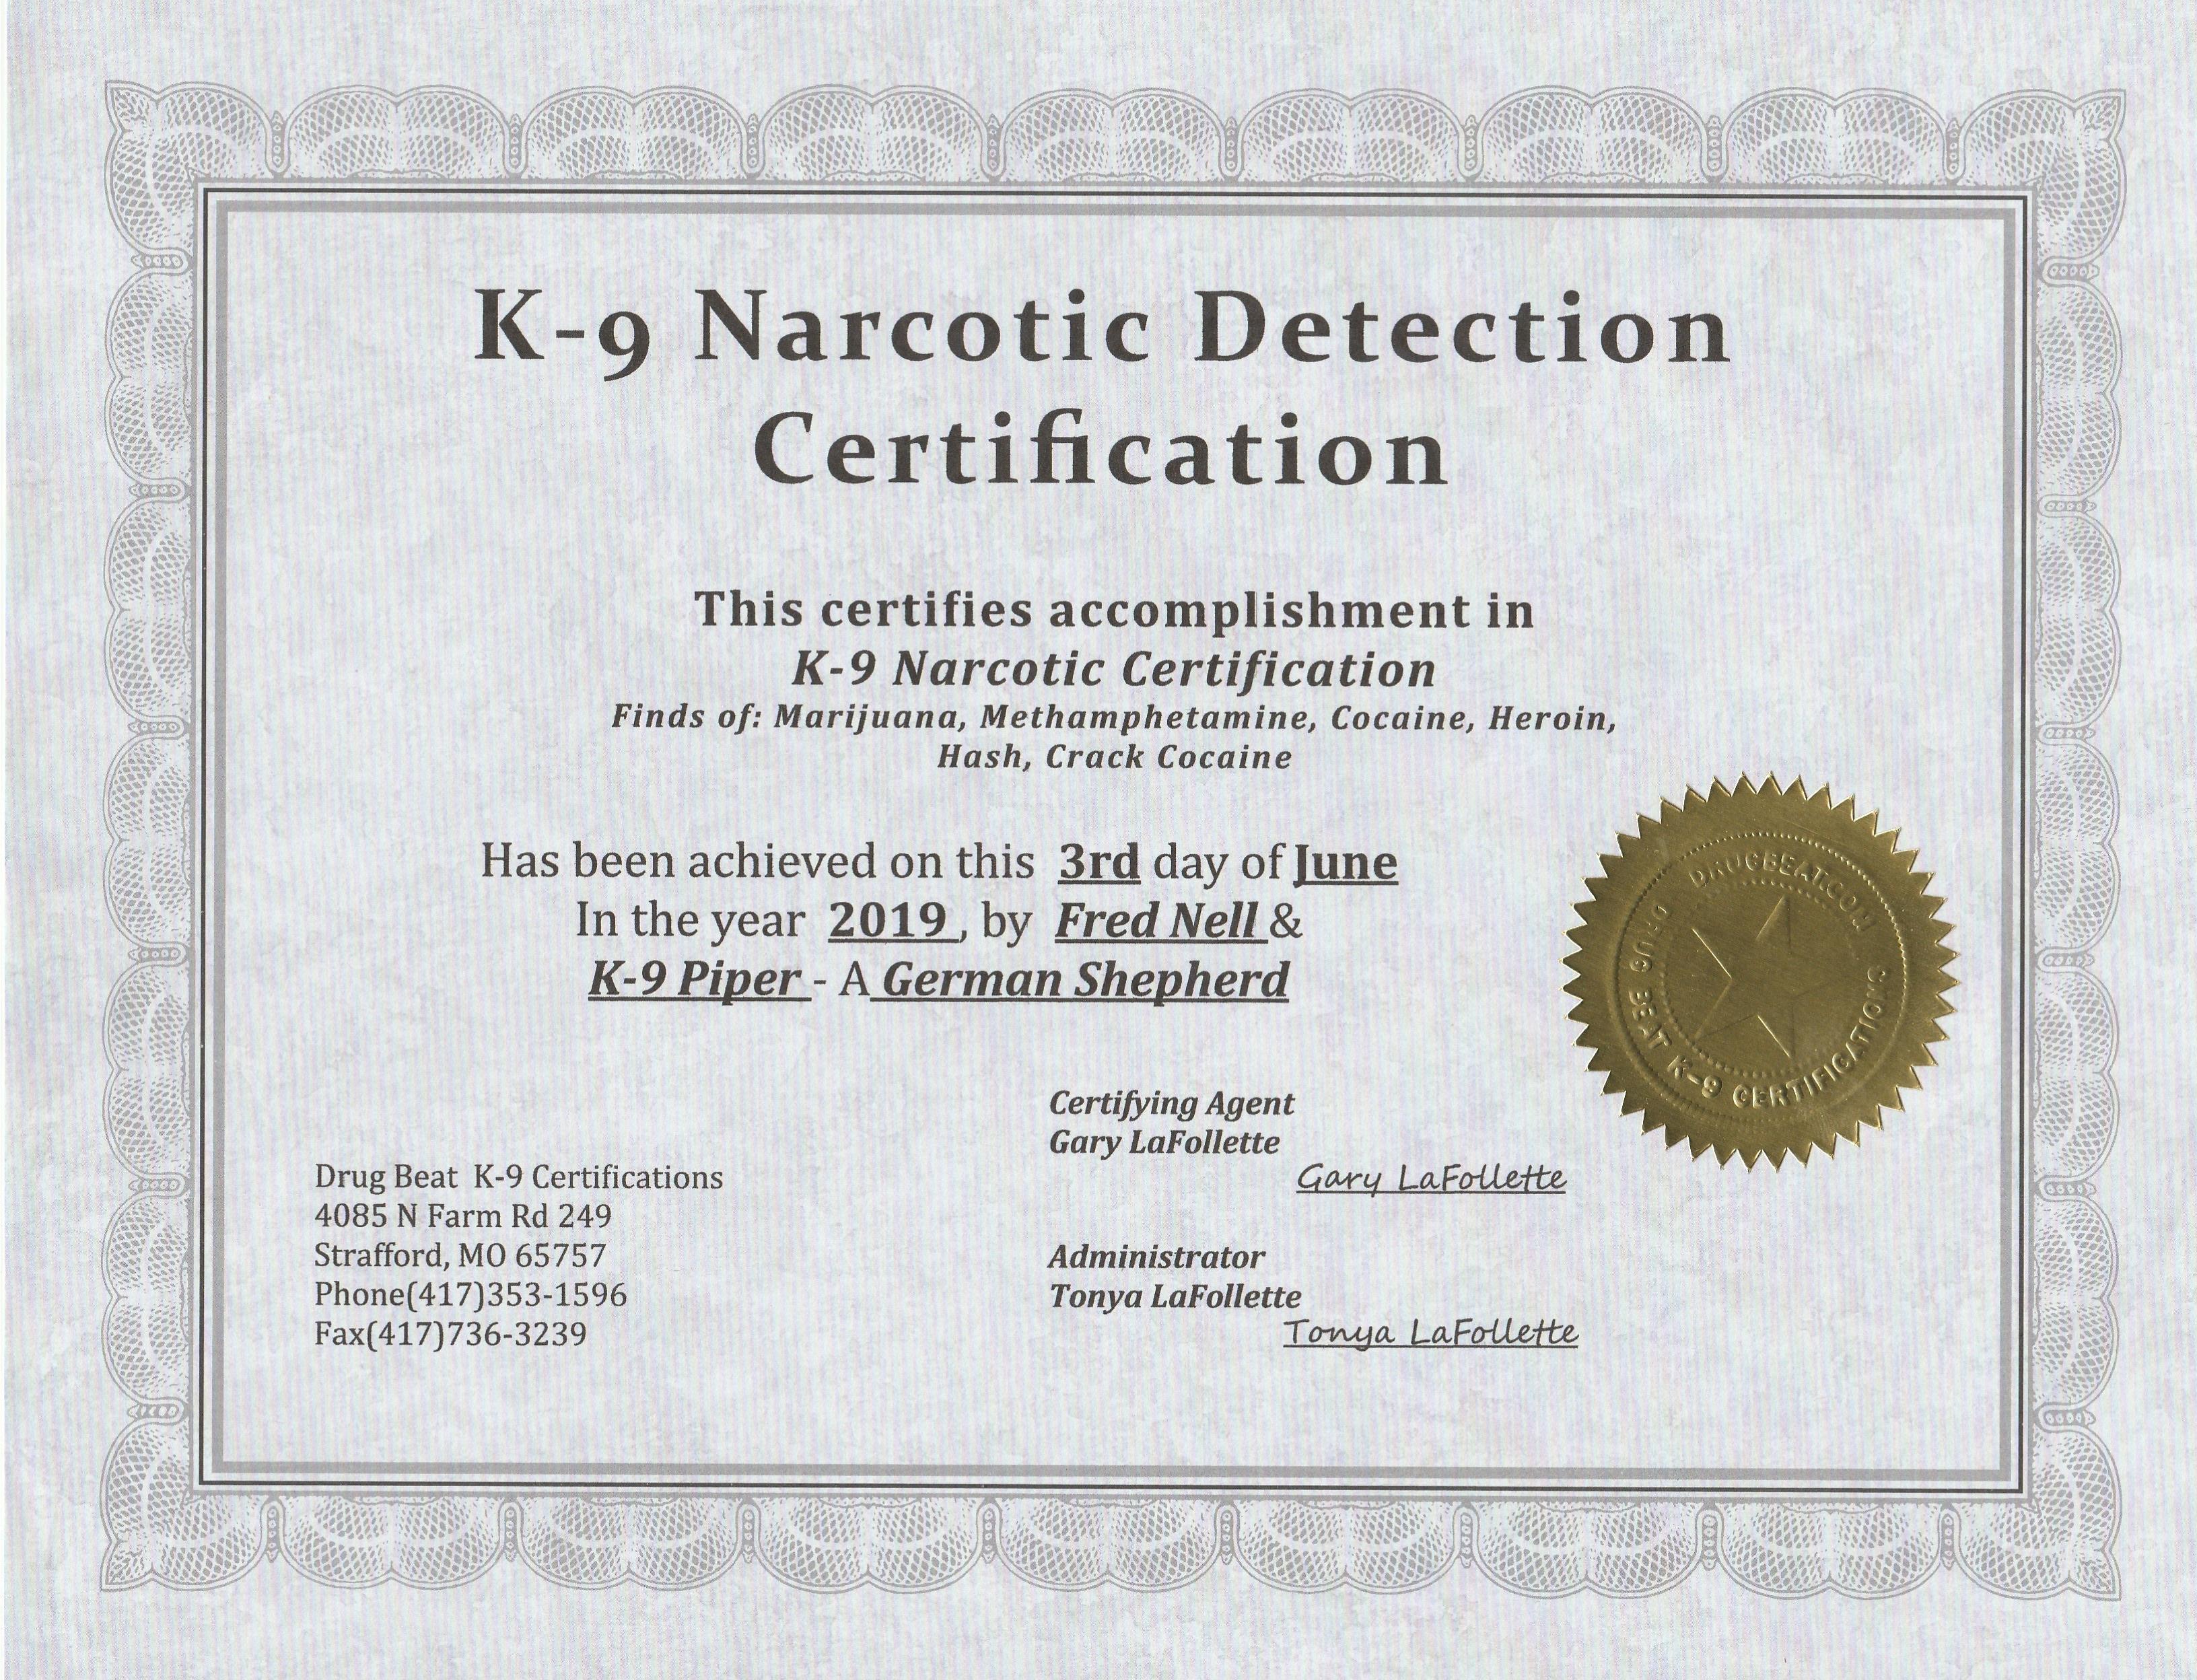 Piper's Certificate